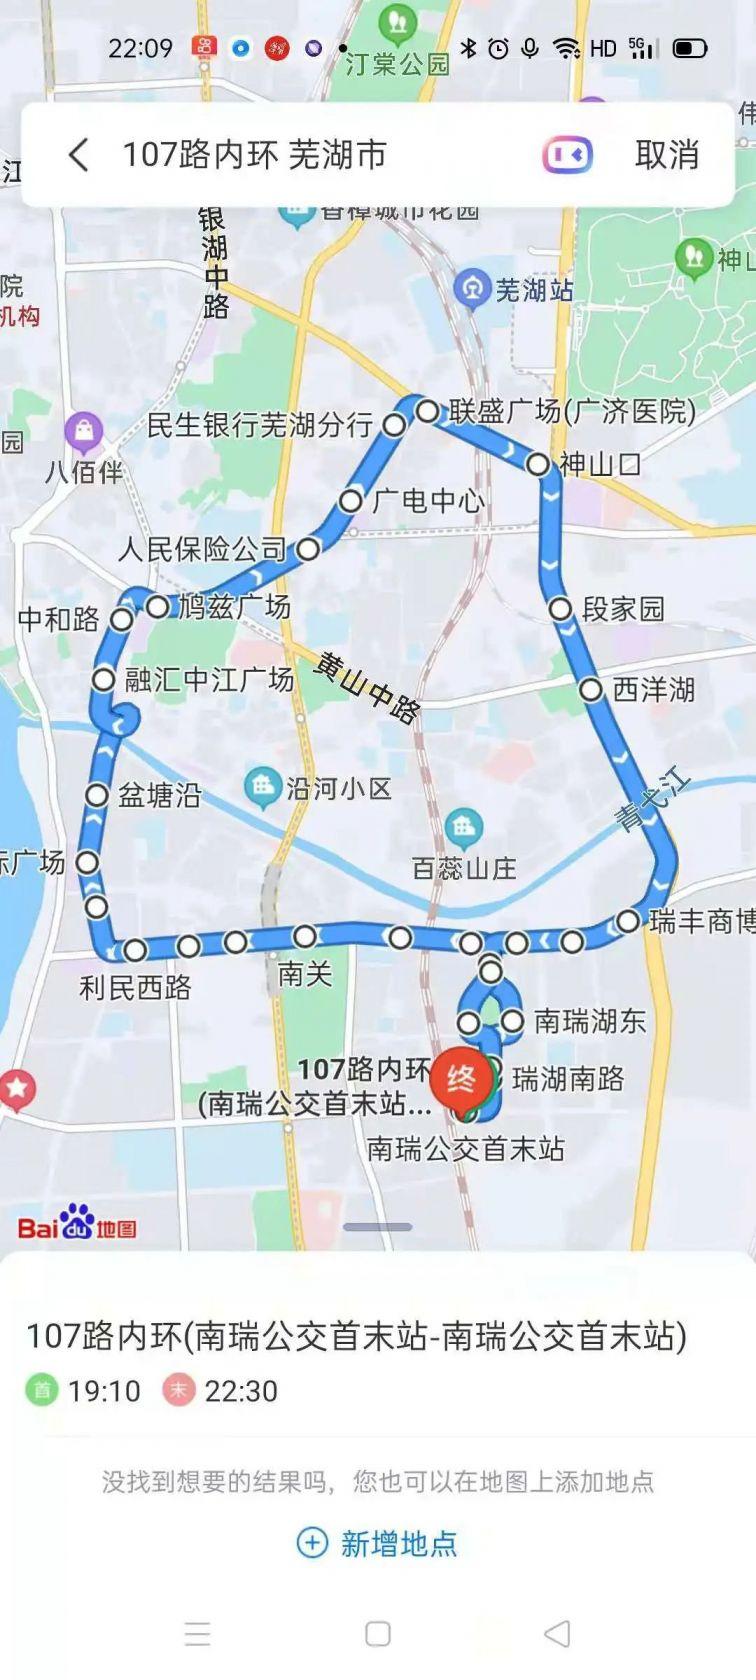 7月22日起蕪湖107(晚)路番號調整(路線站點+時間)